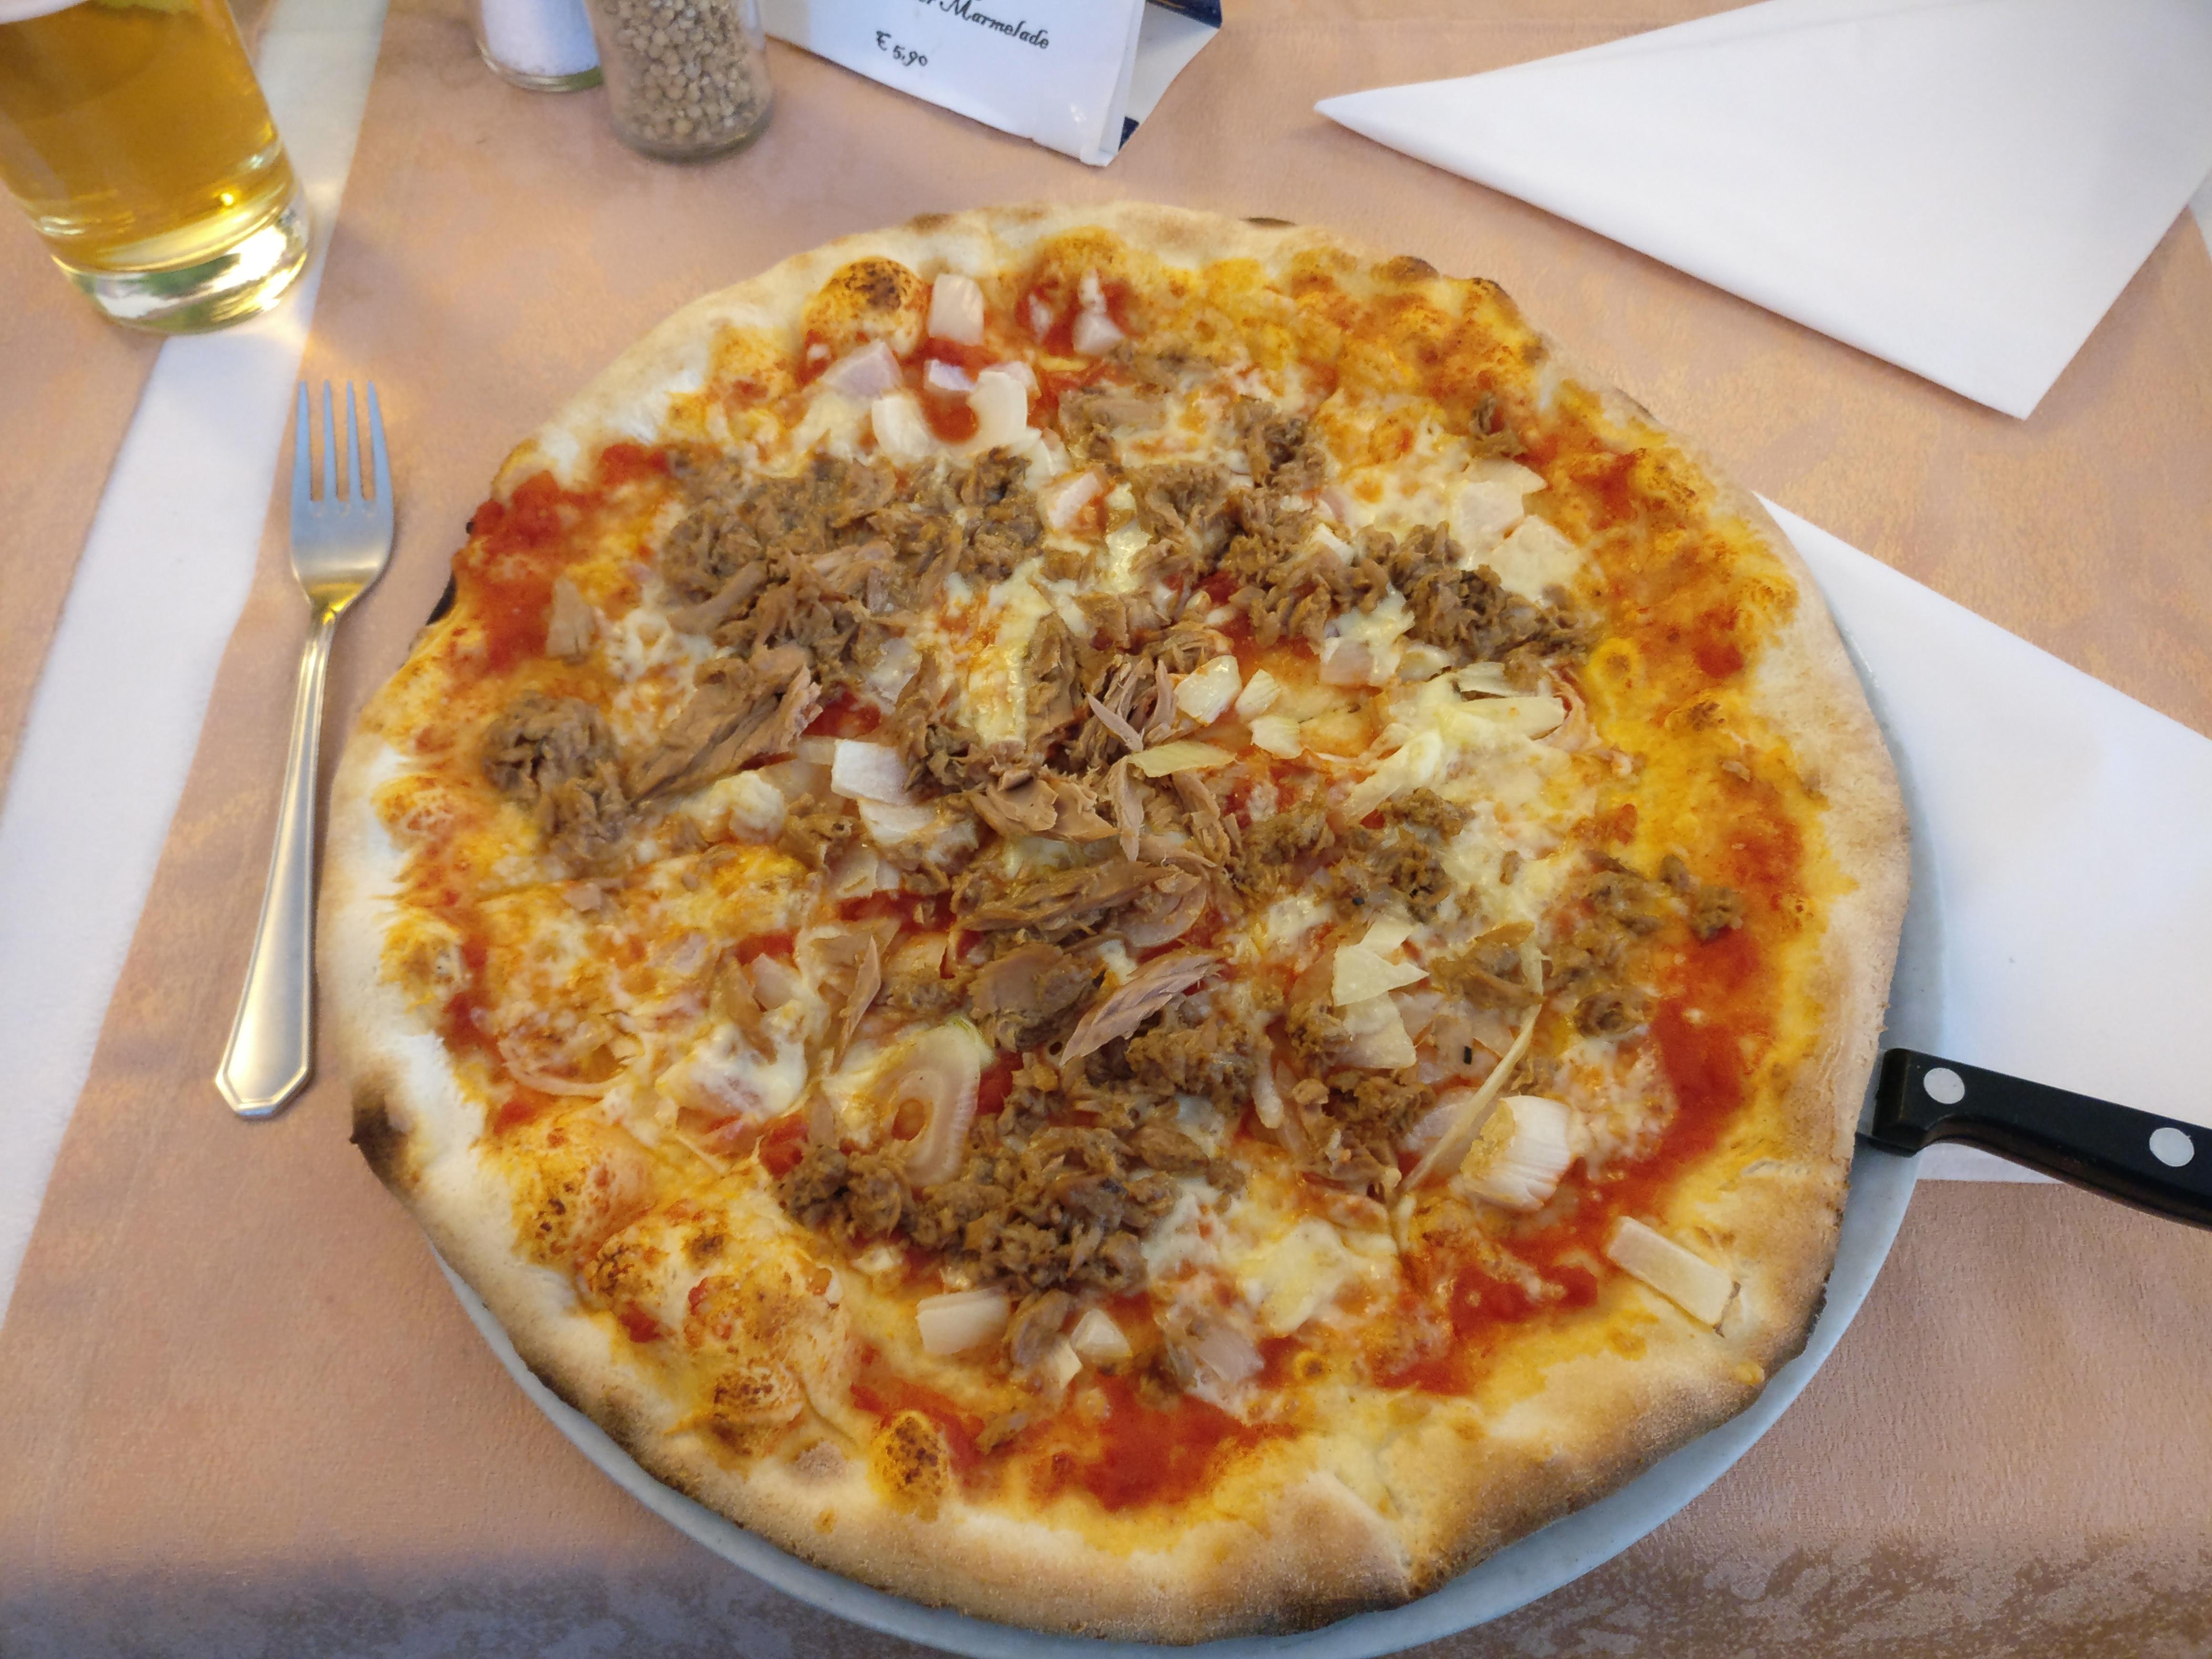 http://foodloader.net/nico_2017-05-11_pizza-mit-thunfisch-und-zwiebeln.jpg